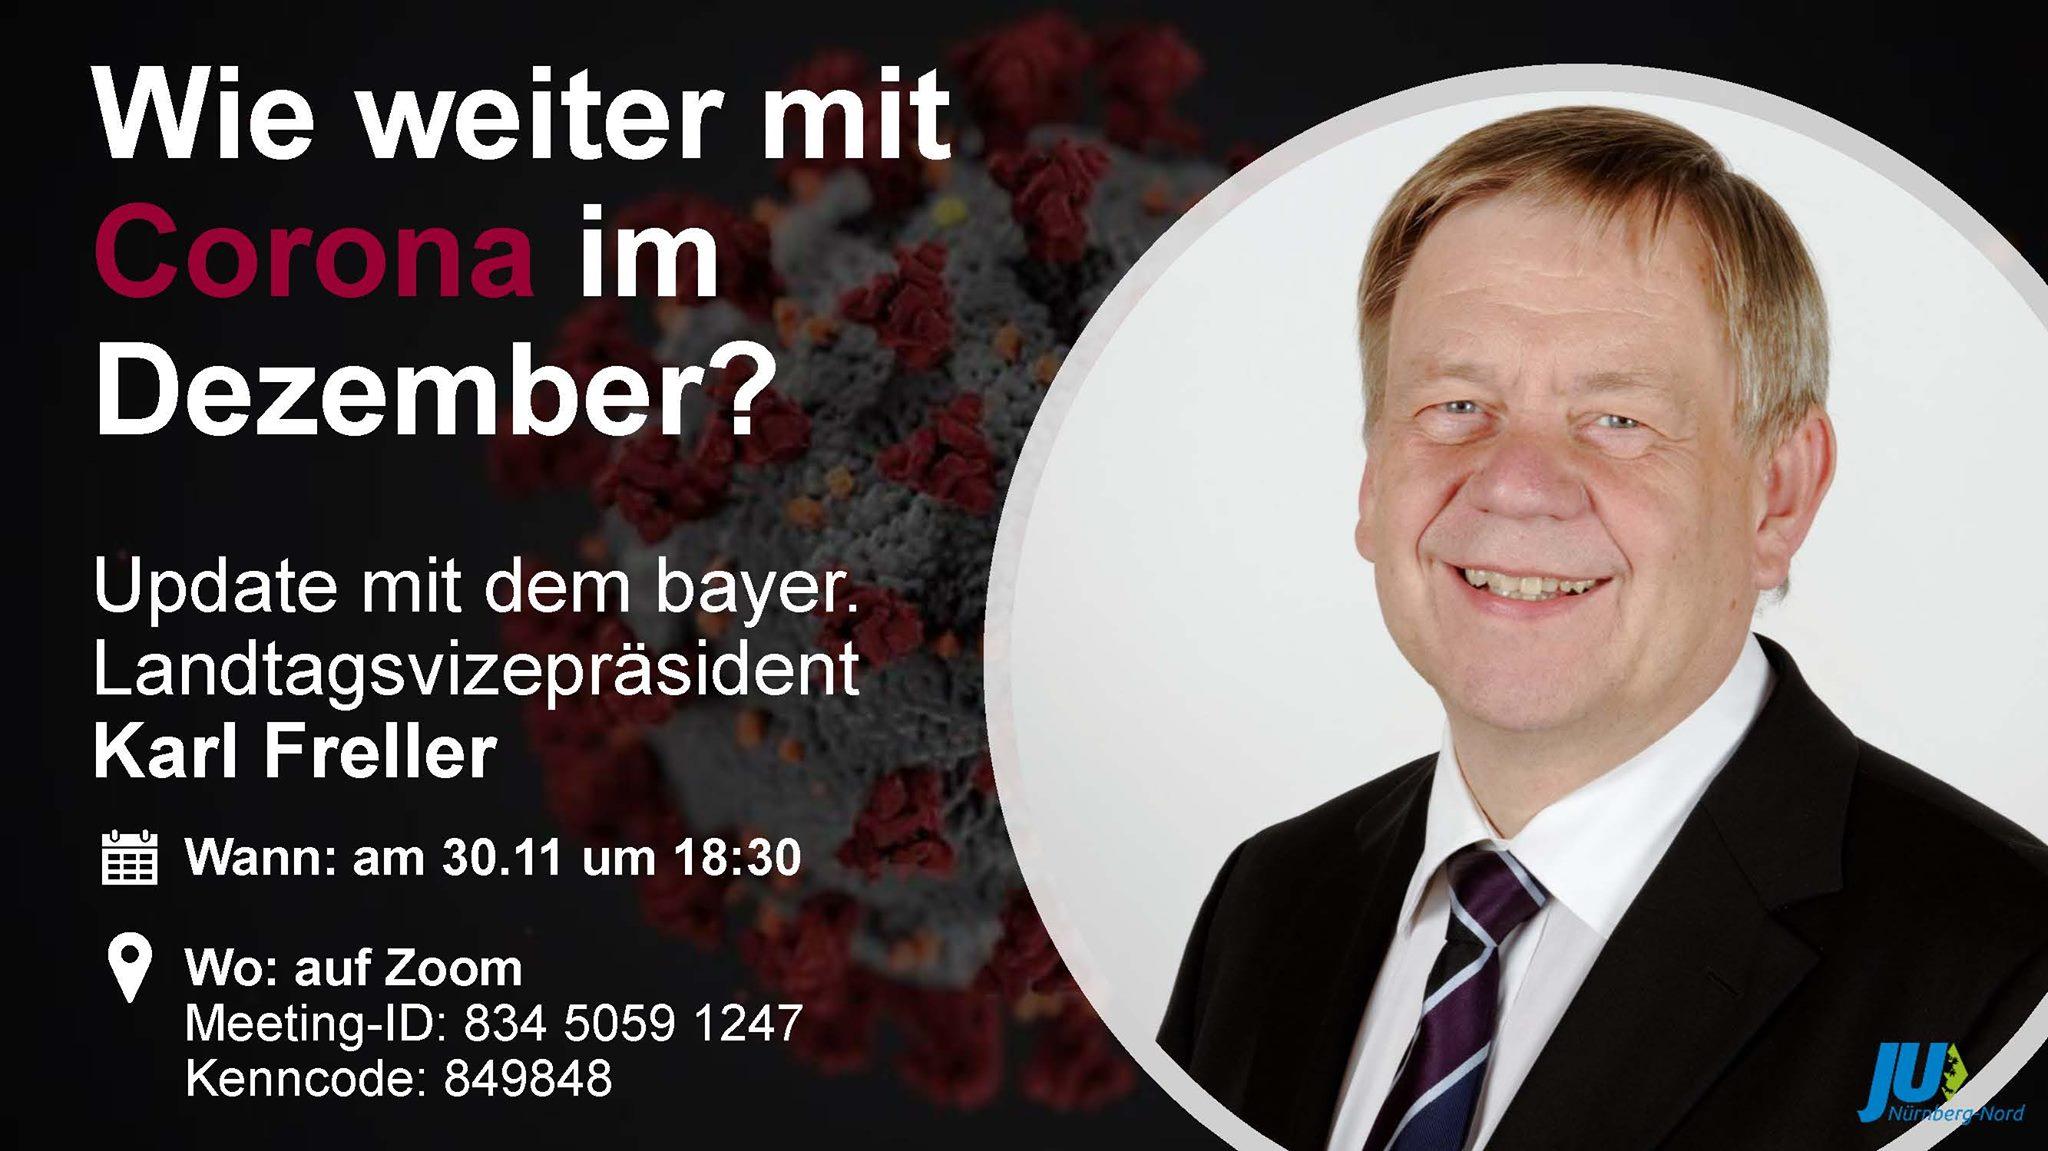 Bild zur Veranstaltung Wie weiter mit Corona im Dezember - Update mit bayer. Landtagsvizepräsident Karl Freller